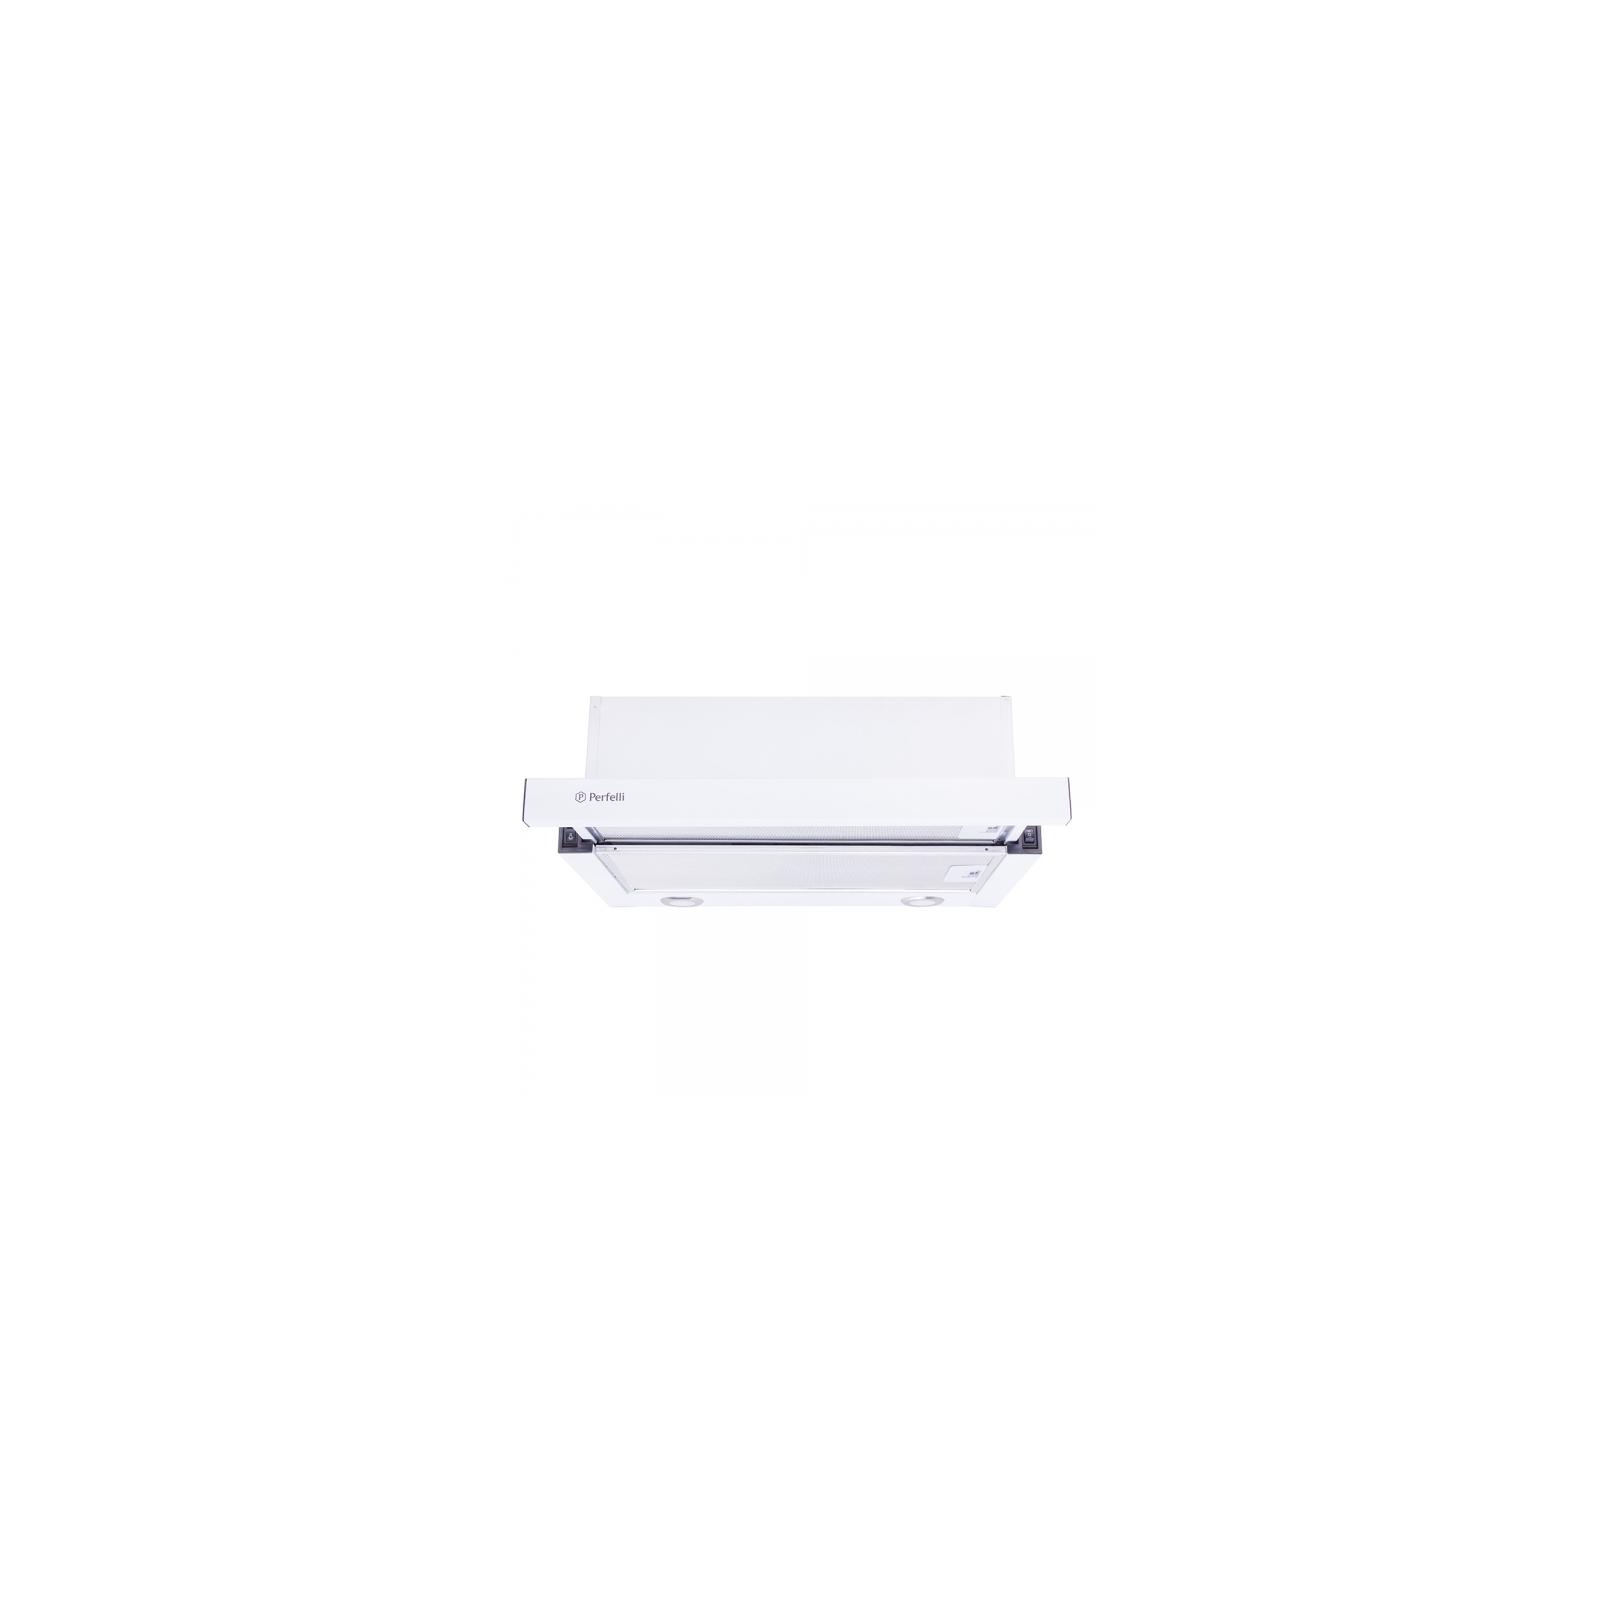 Вытяжка кухонная Perfelli TL 5212 C S/I 650 LED